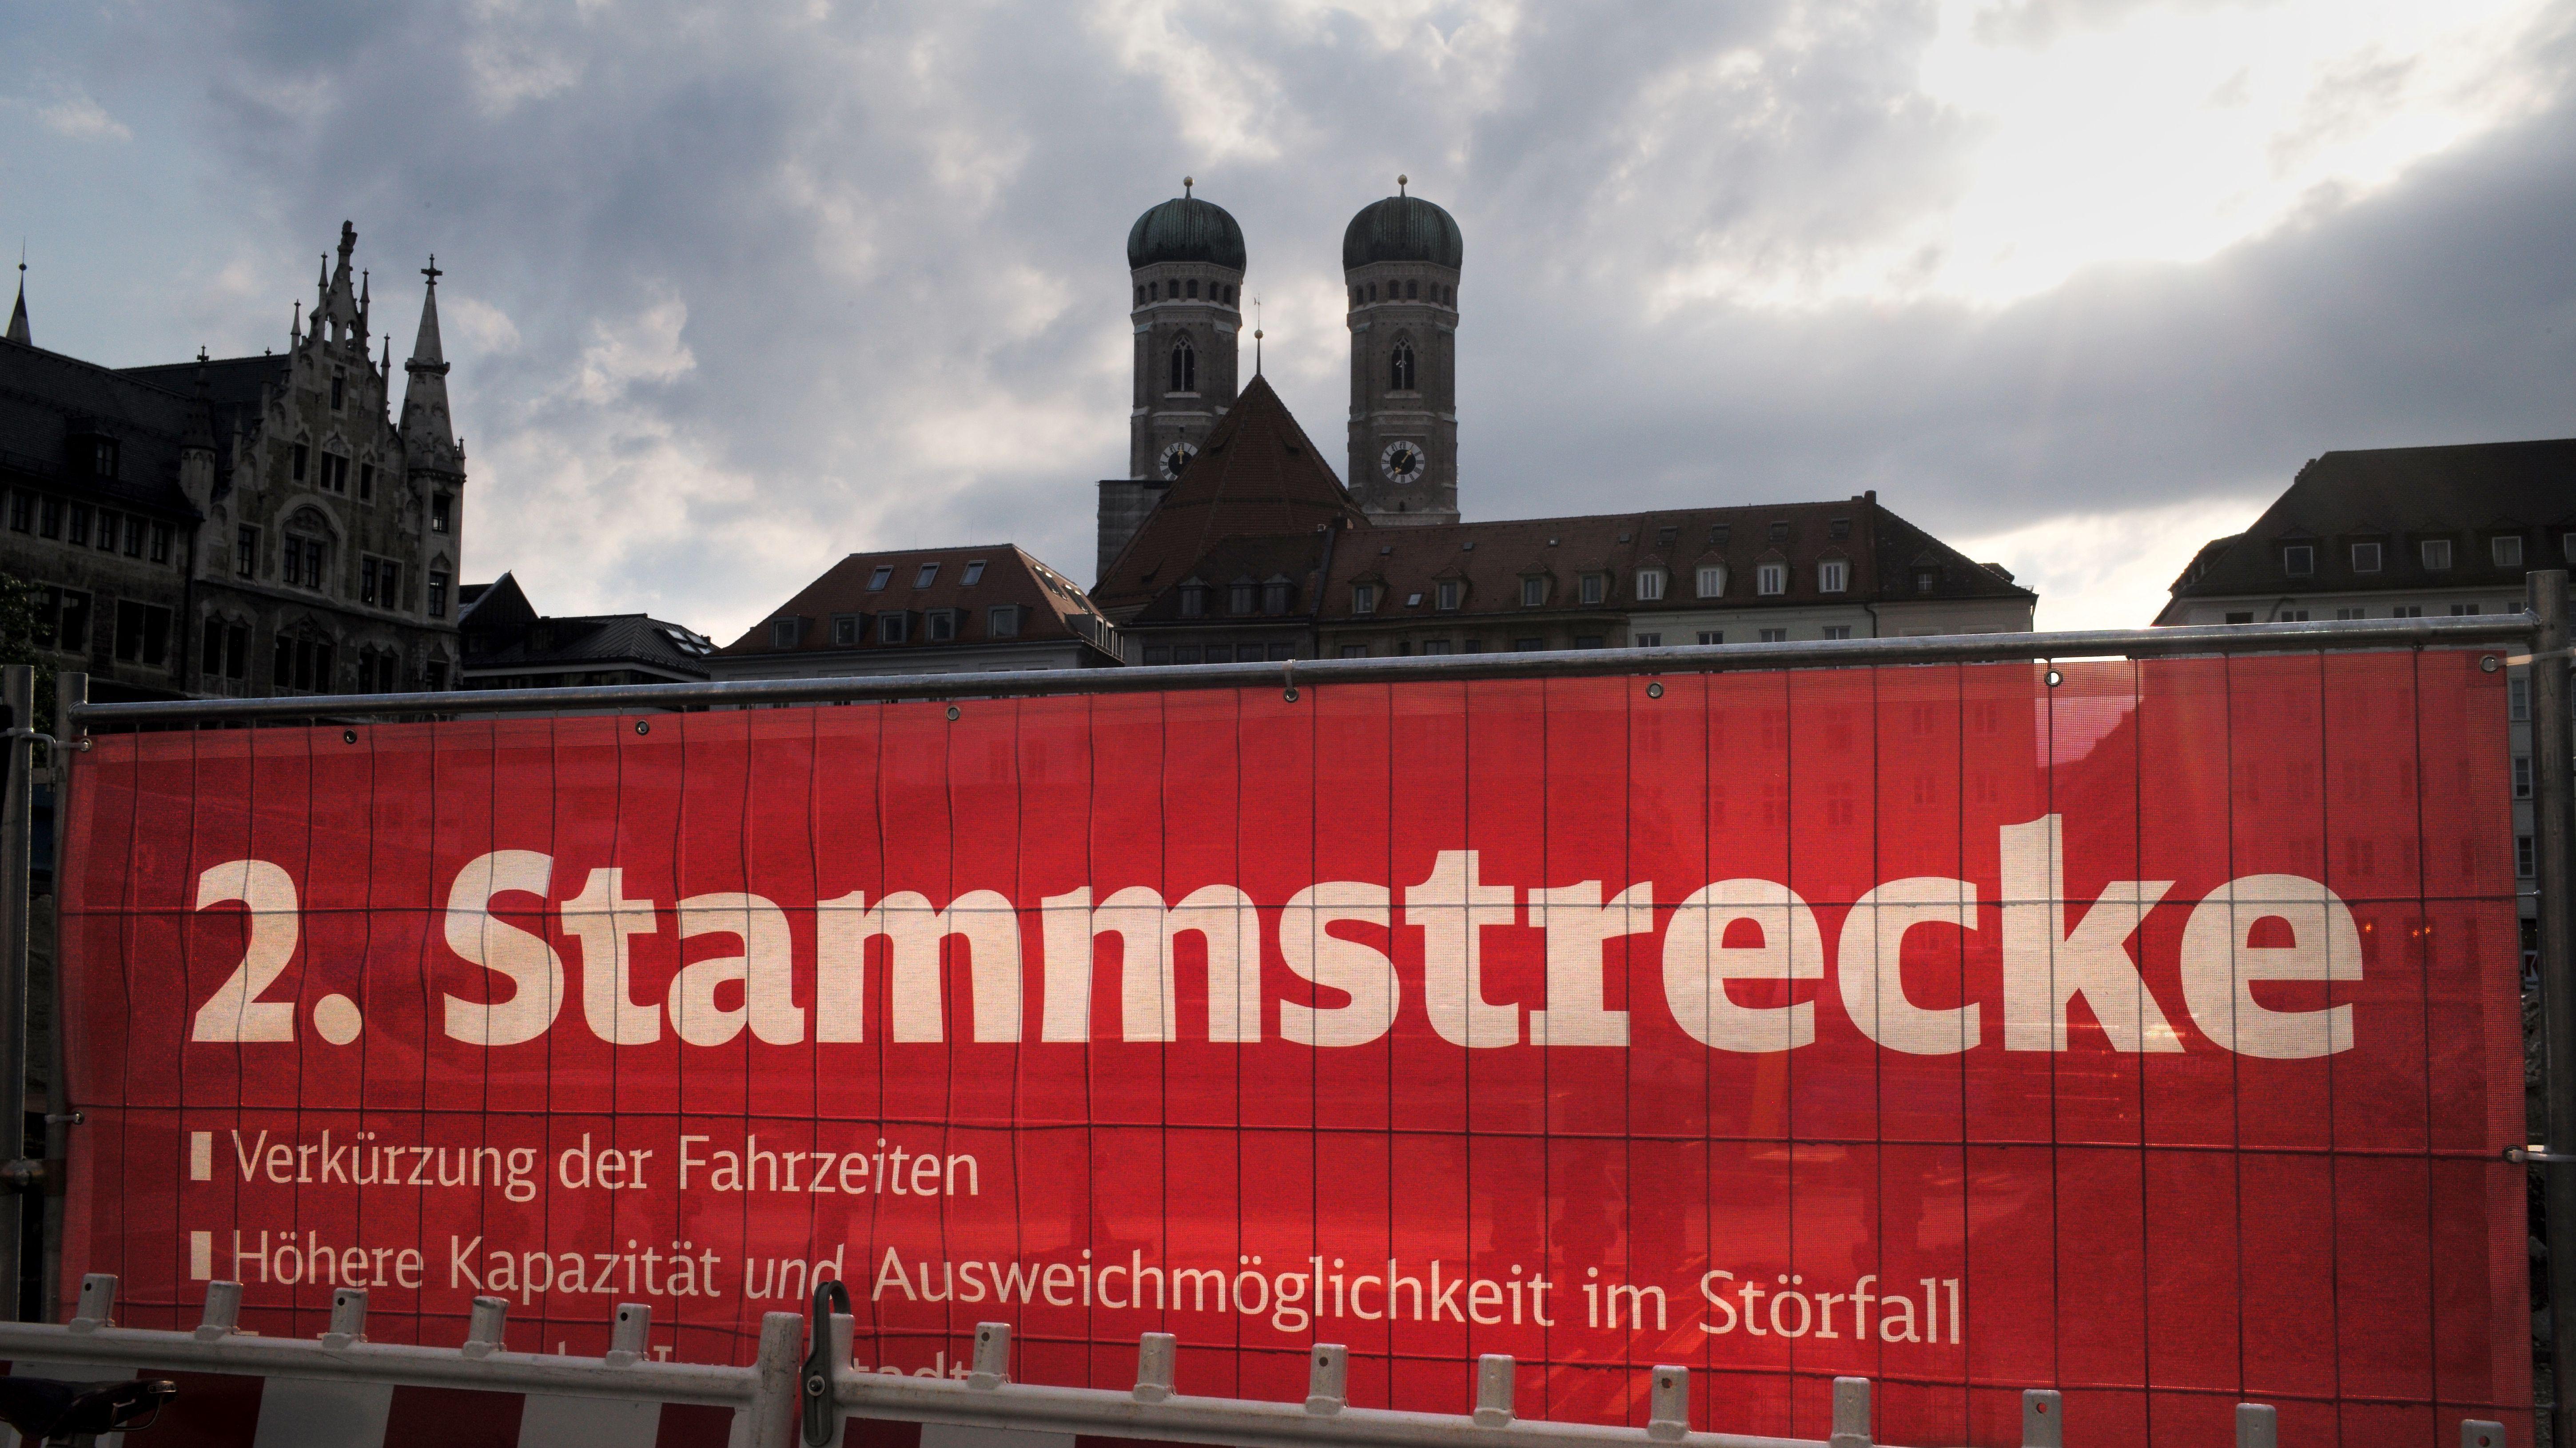 """Der rote Sichtschutz einer Baustelle mit der Aufschrift """"2. Stammstrecke"""" in München"""